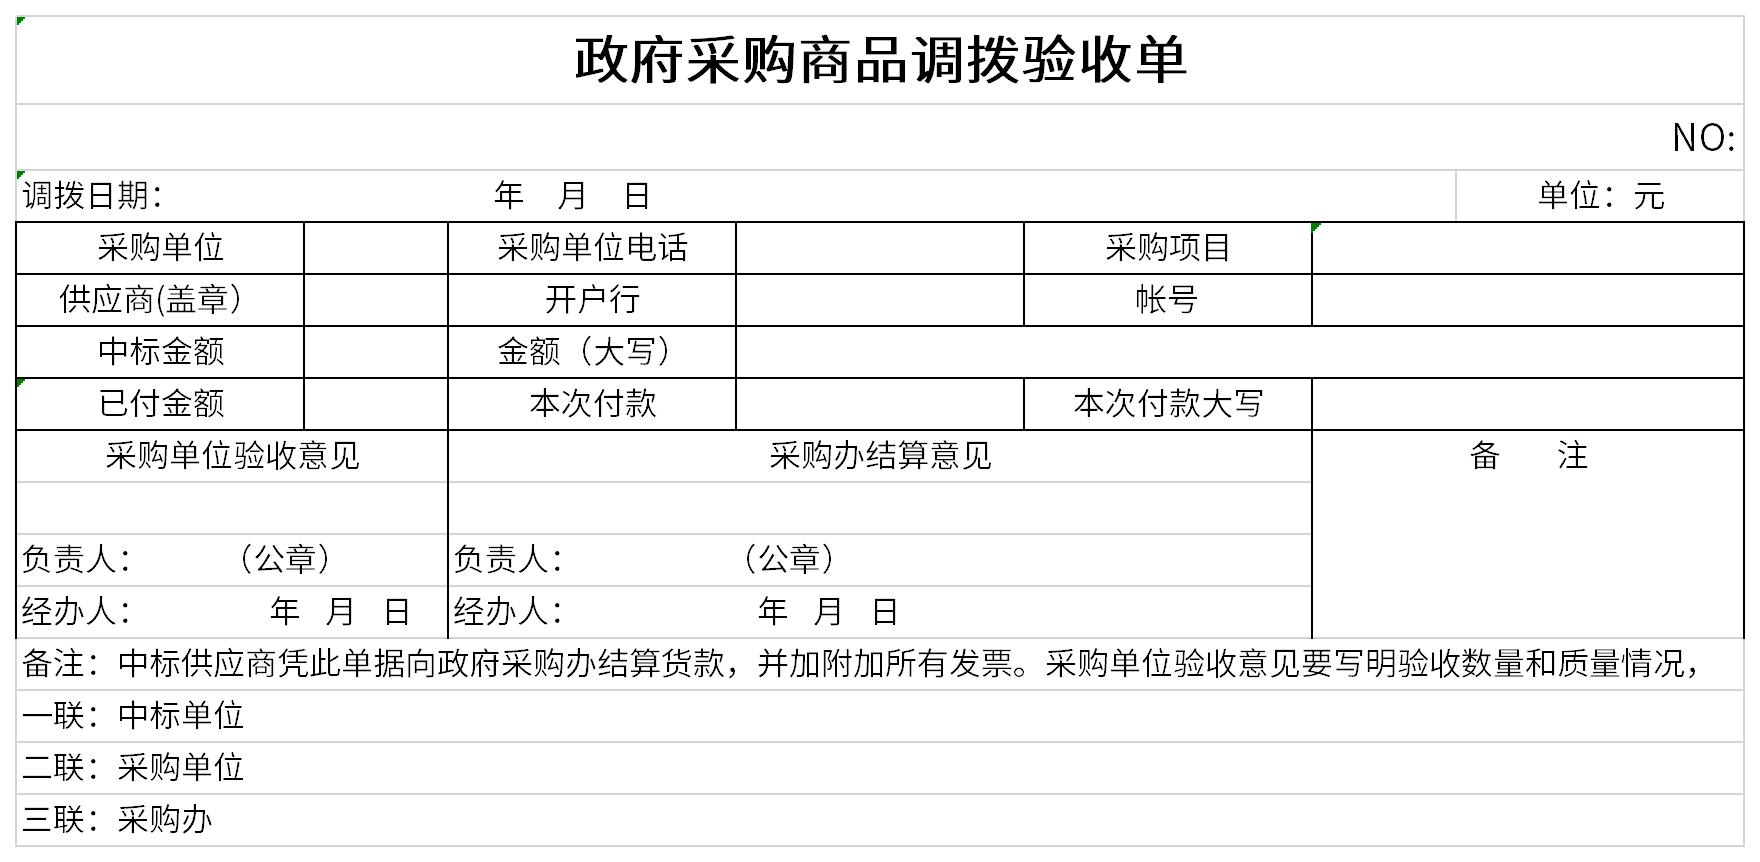 政府采购商品调拨验收单截图